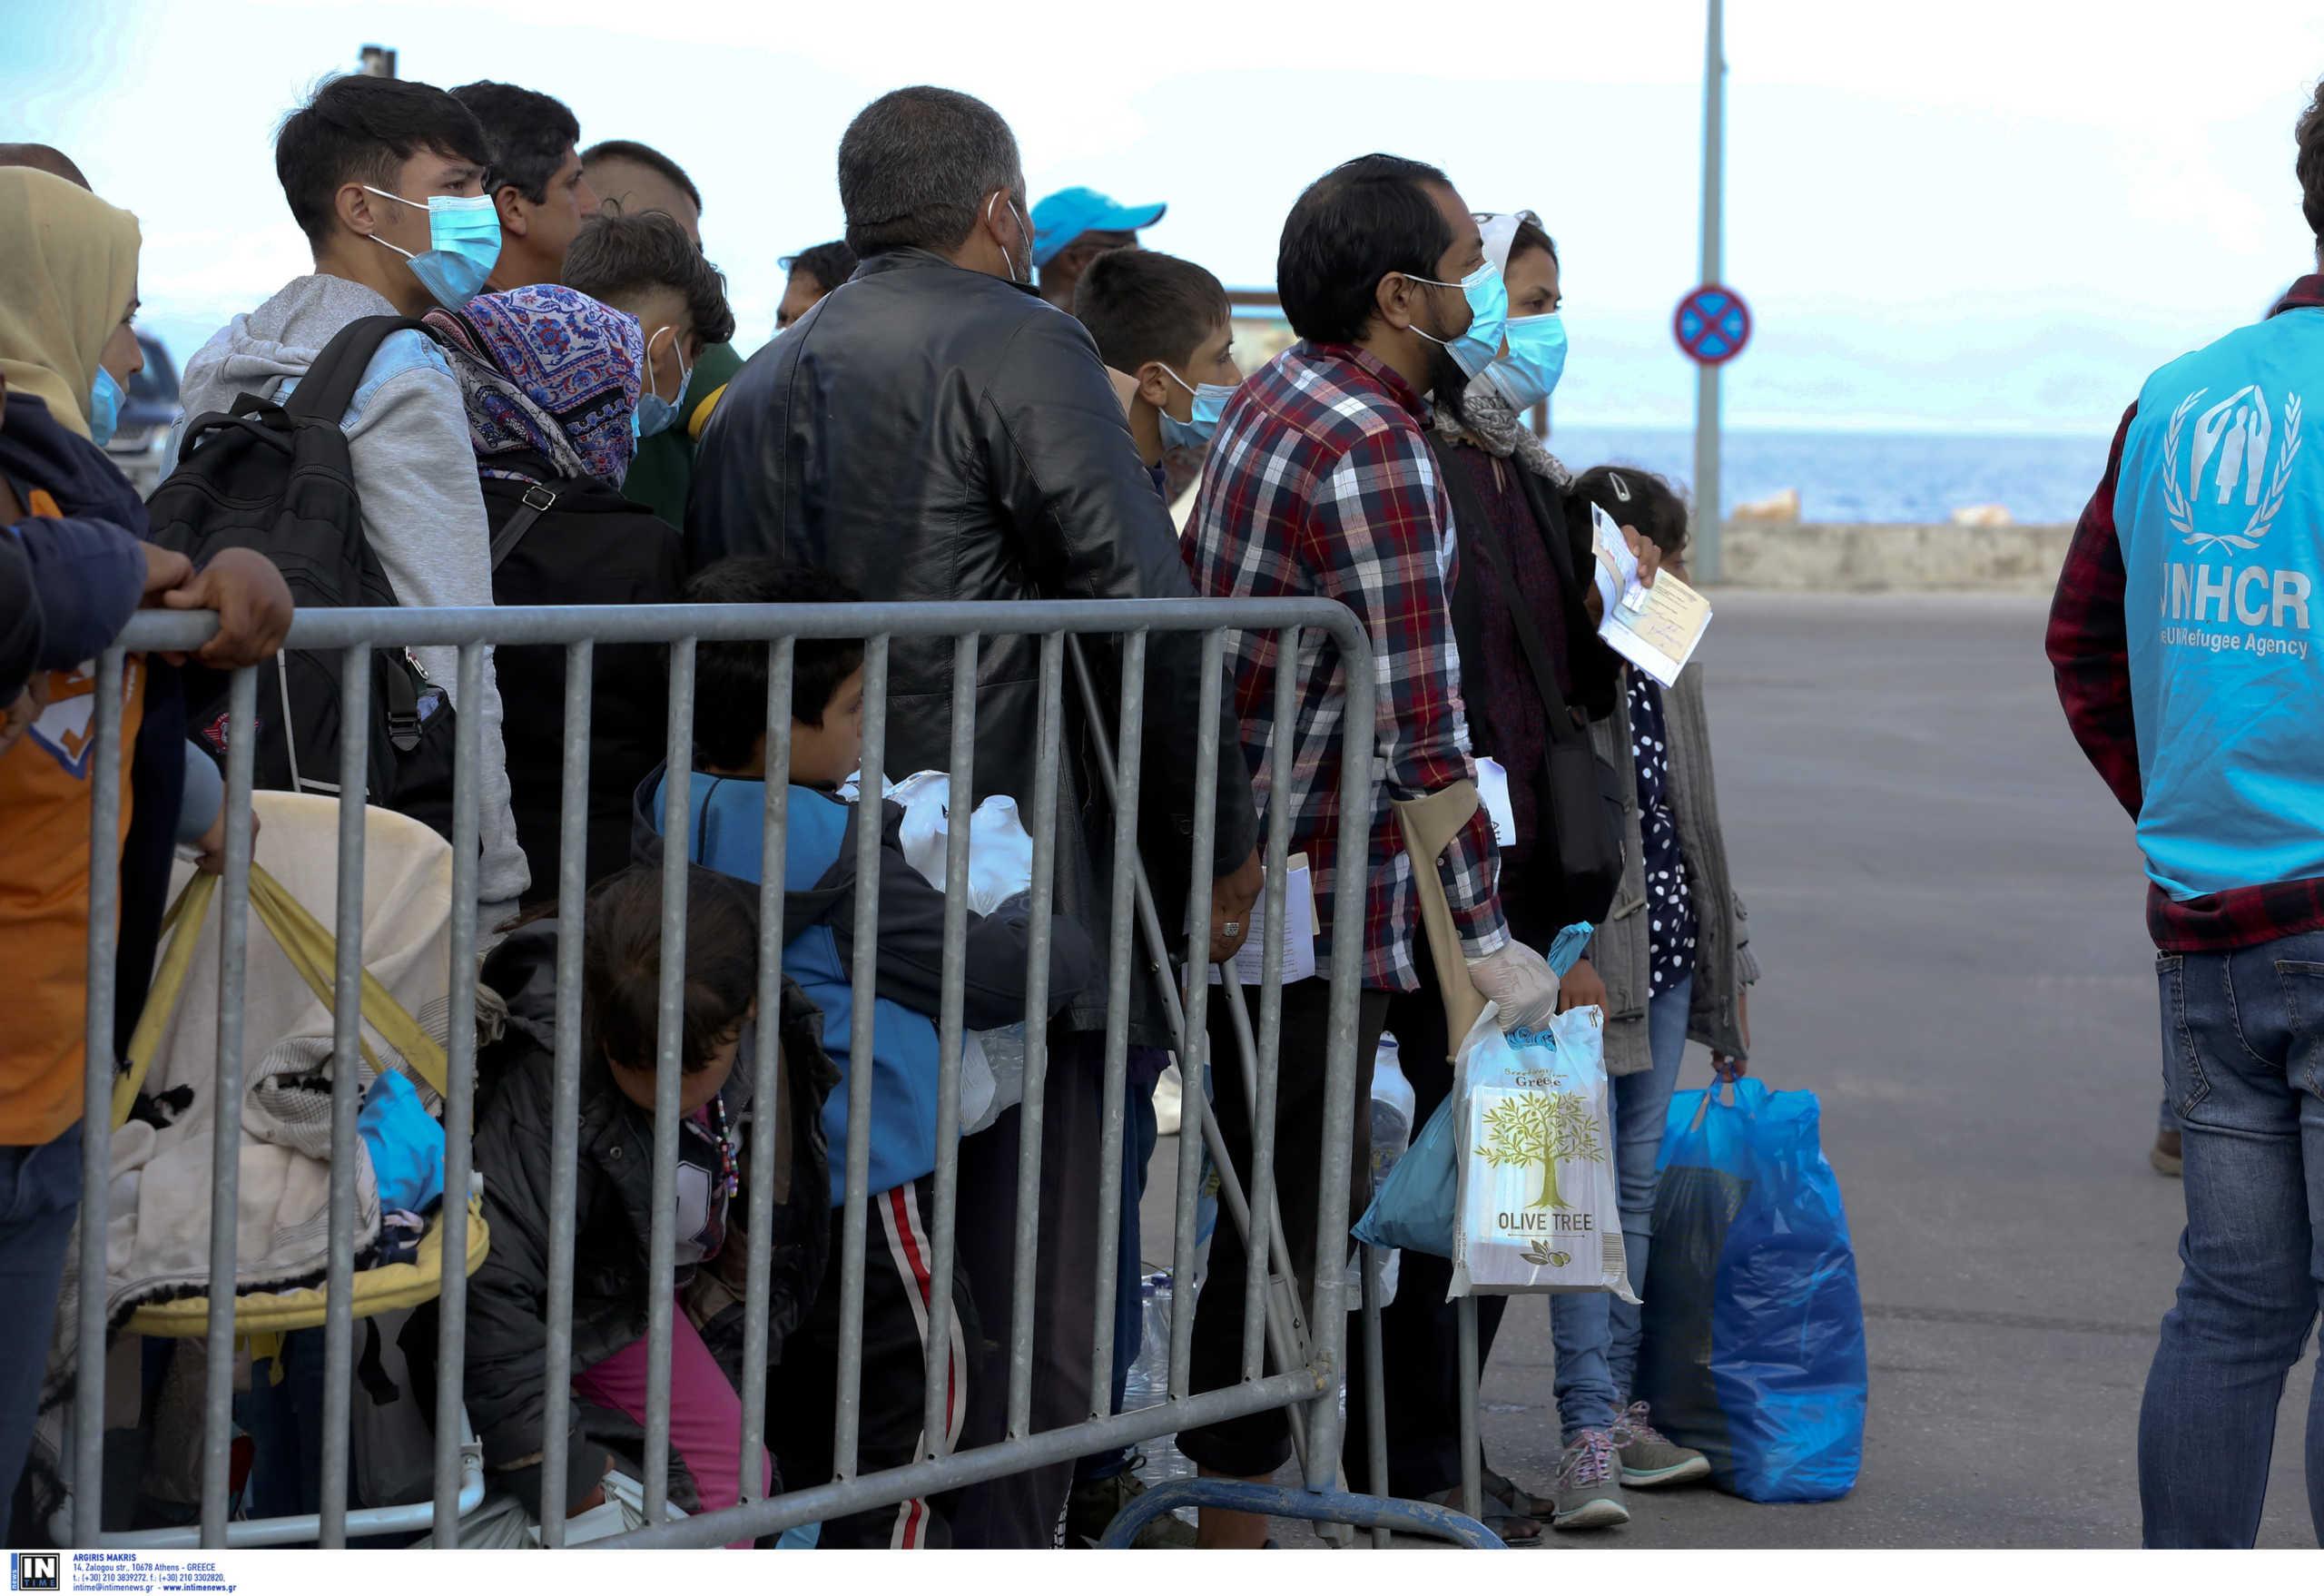 Κυβερνητικές πηγές για μεταναστευτικό: Μειώνονται οι ροές, αποσυμφορίζονται τα νησιά